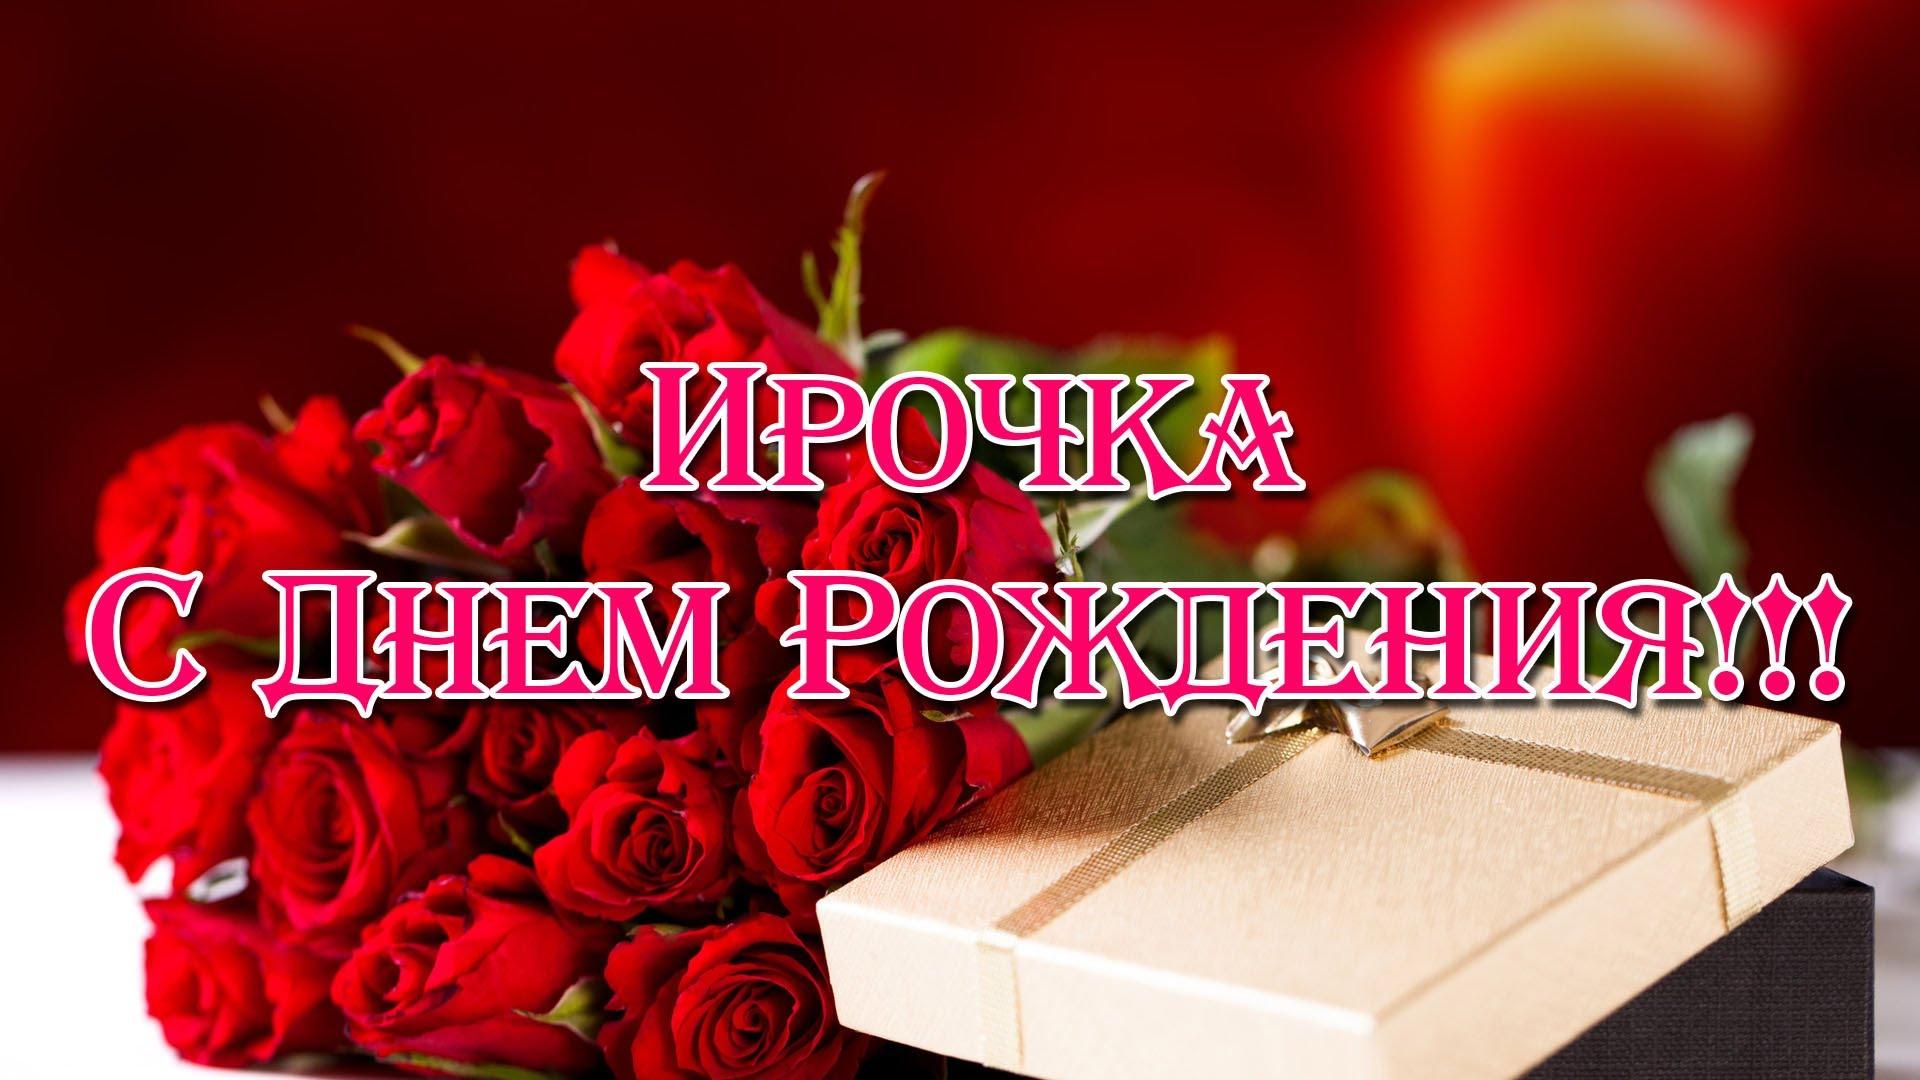 Поздравление с днем рождения девушки ирины